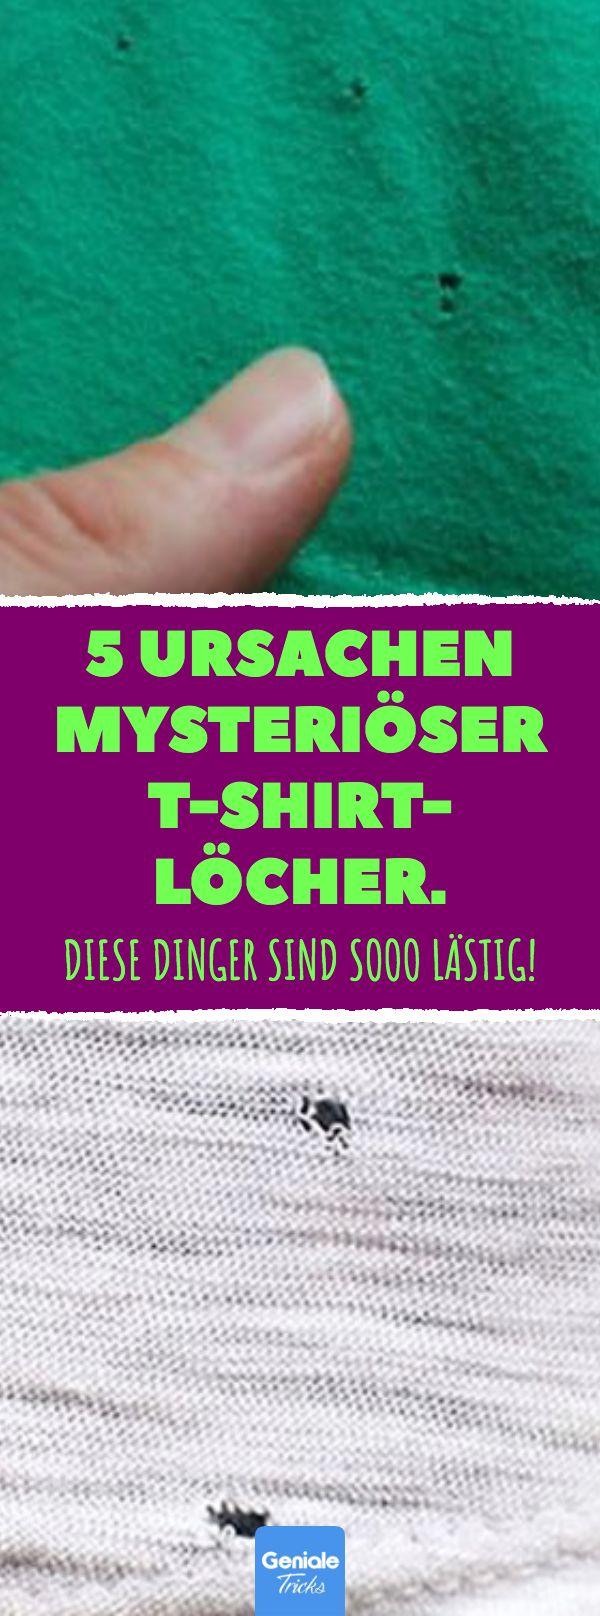 5 Ursachen mysteriöser T-Shirt-Löcher. Diese Dinger sind sooo lästig! #löche…